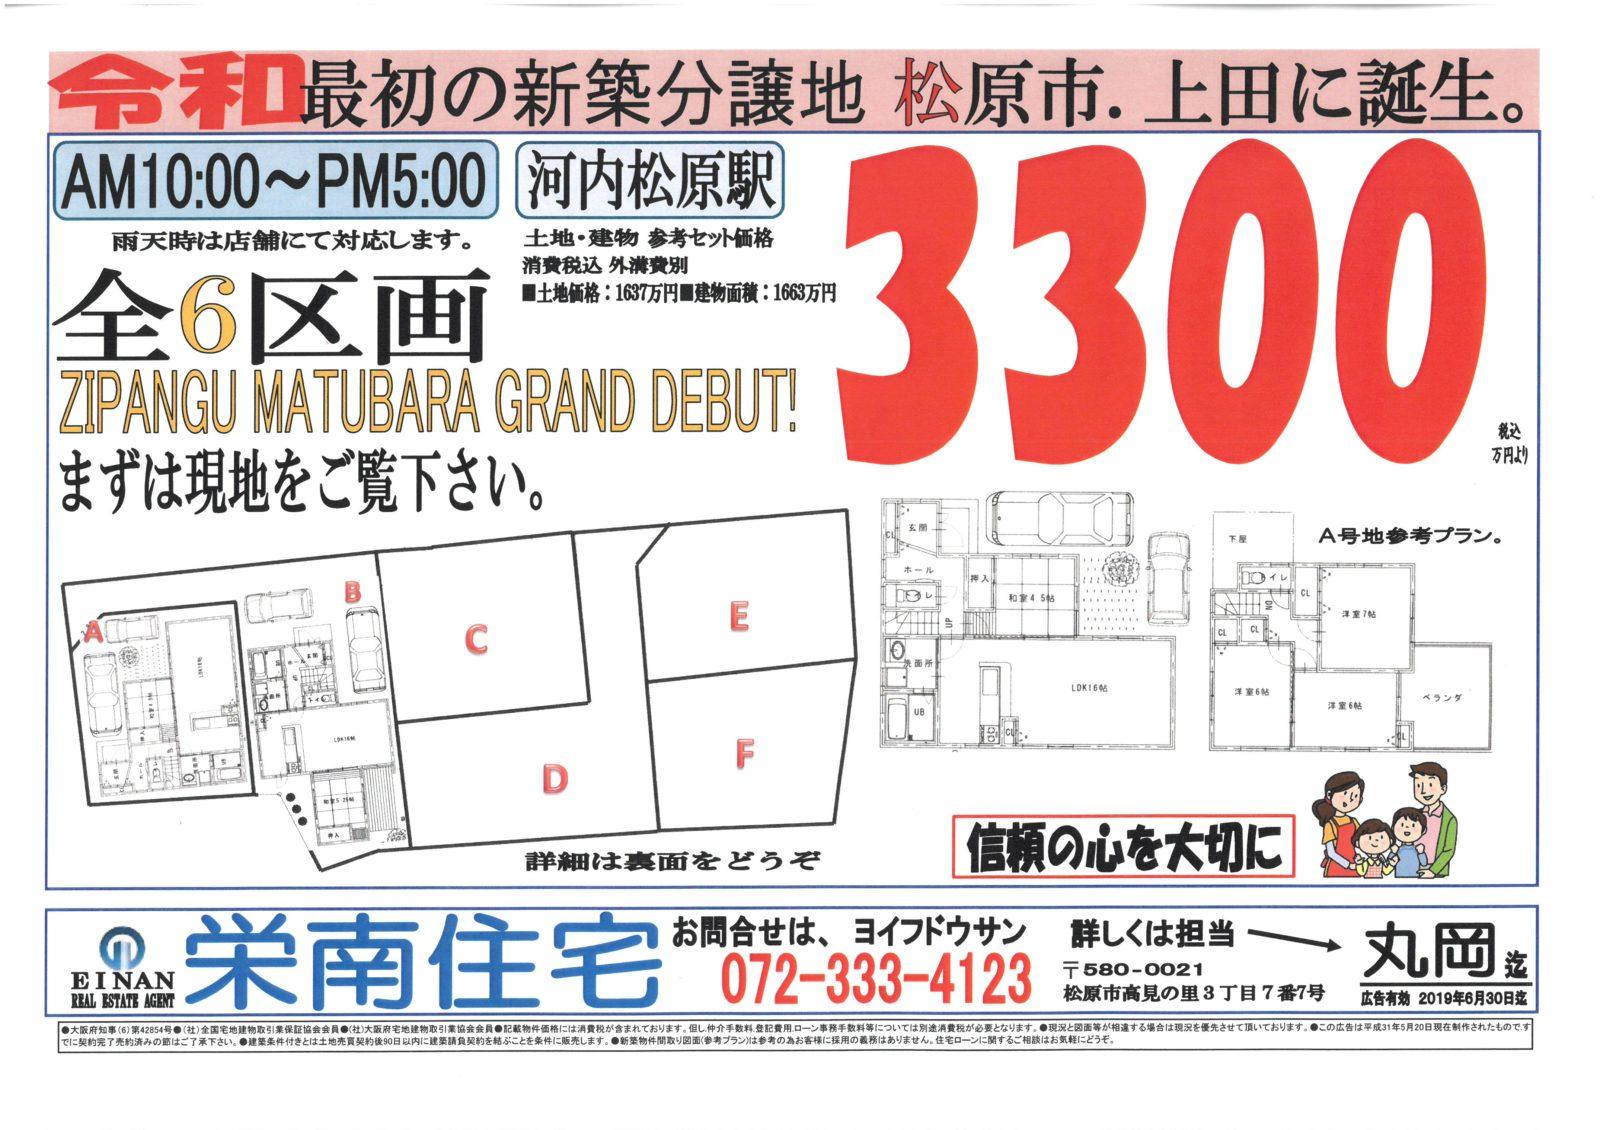 ジパング松原上田いよいよ販売開始です。